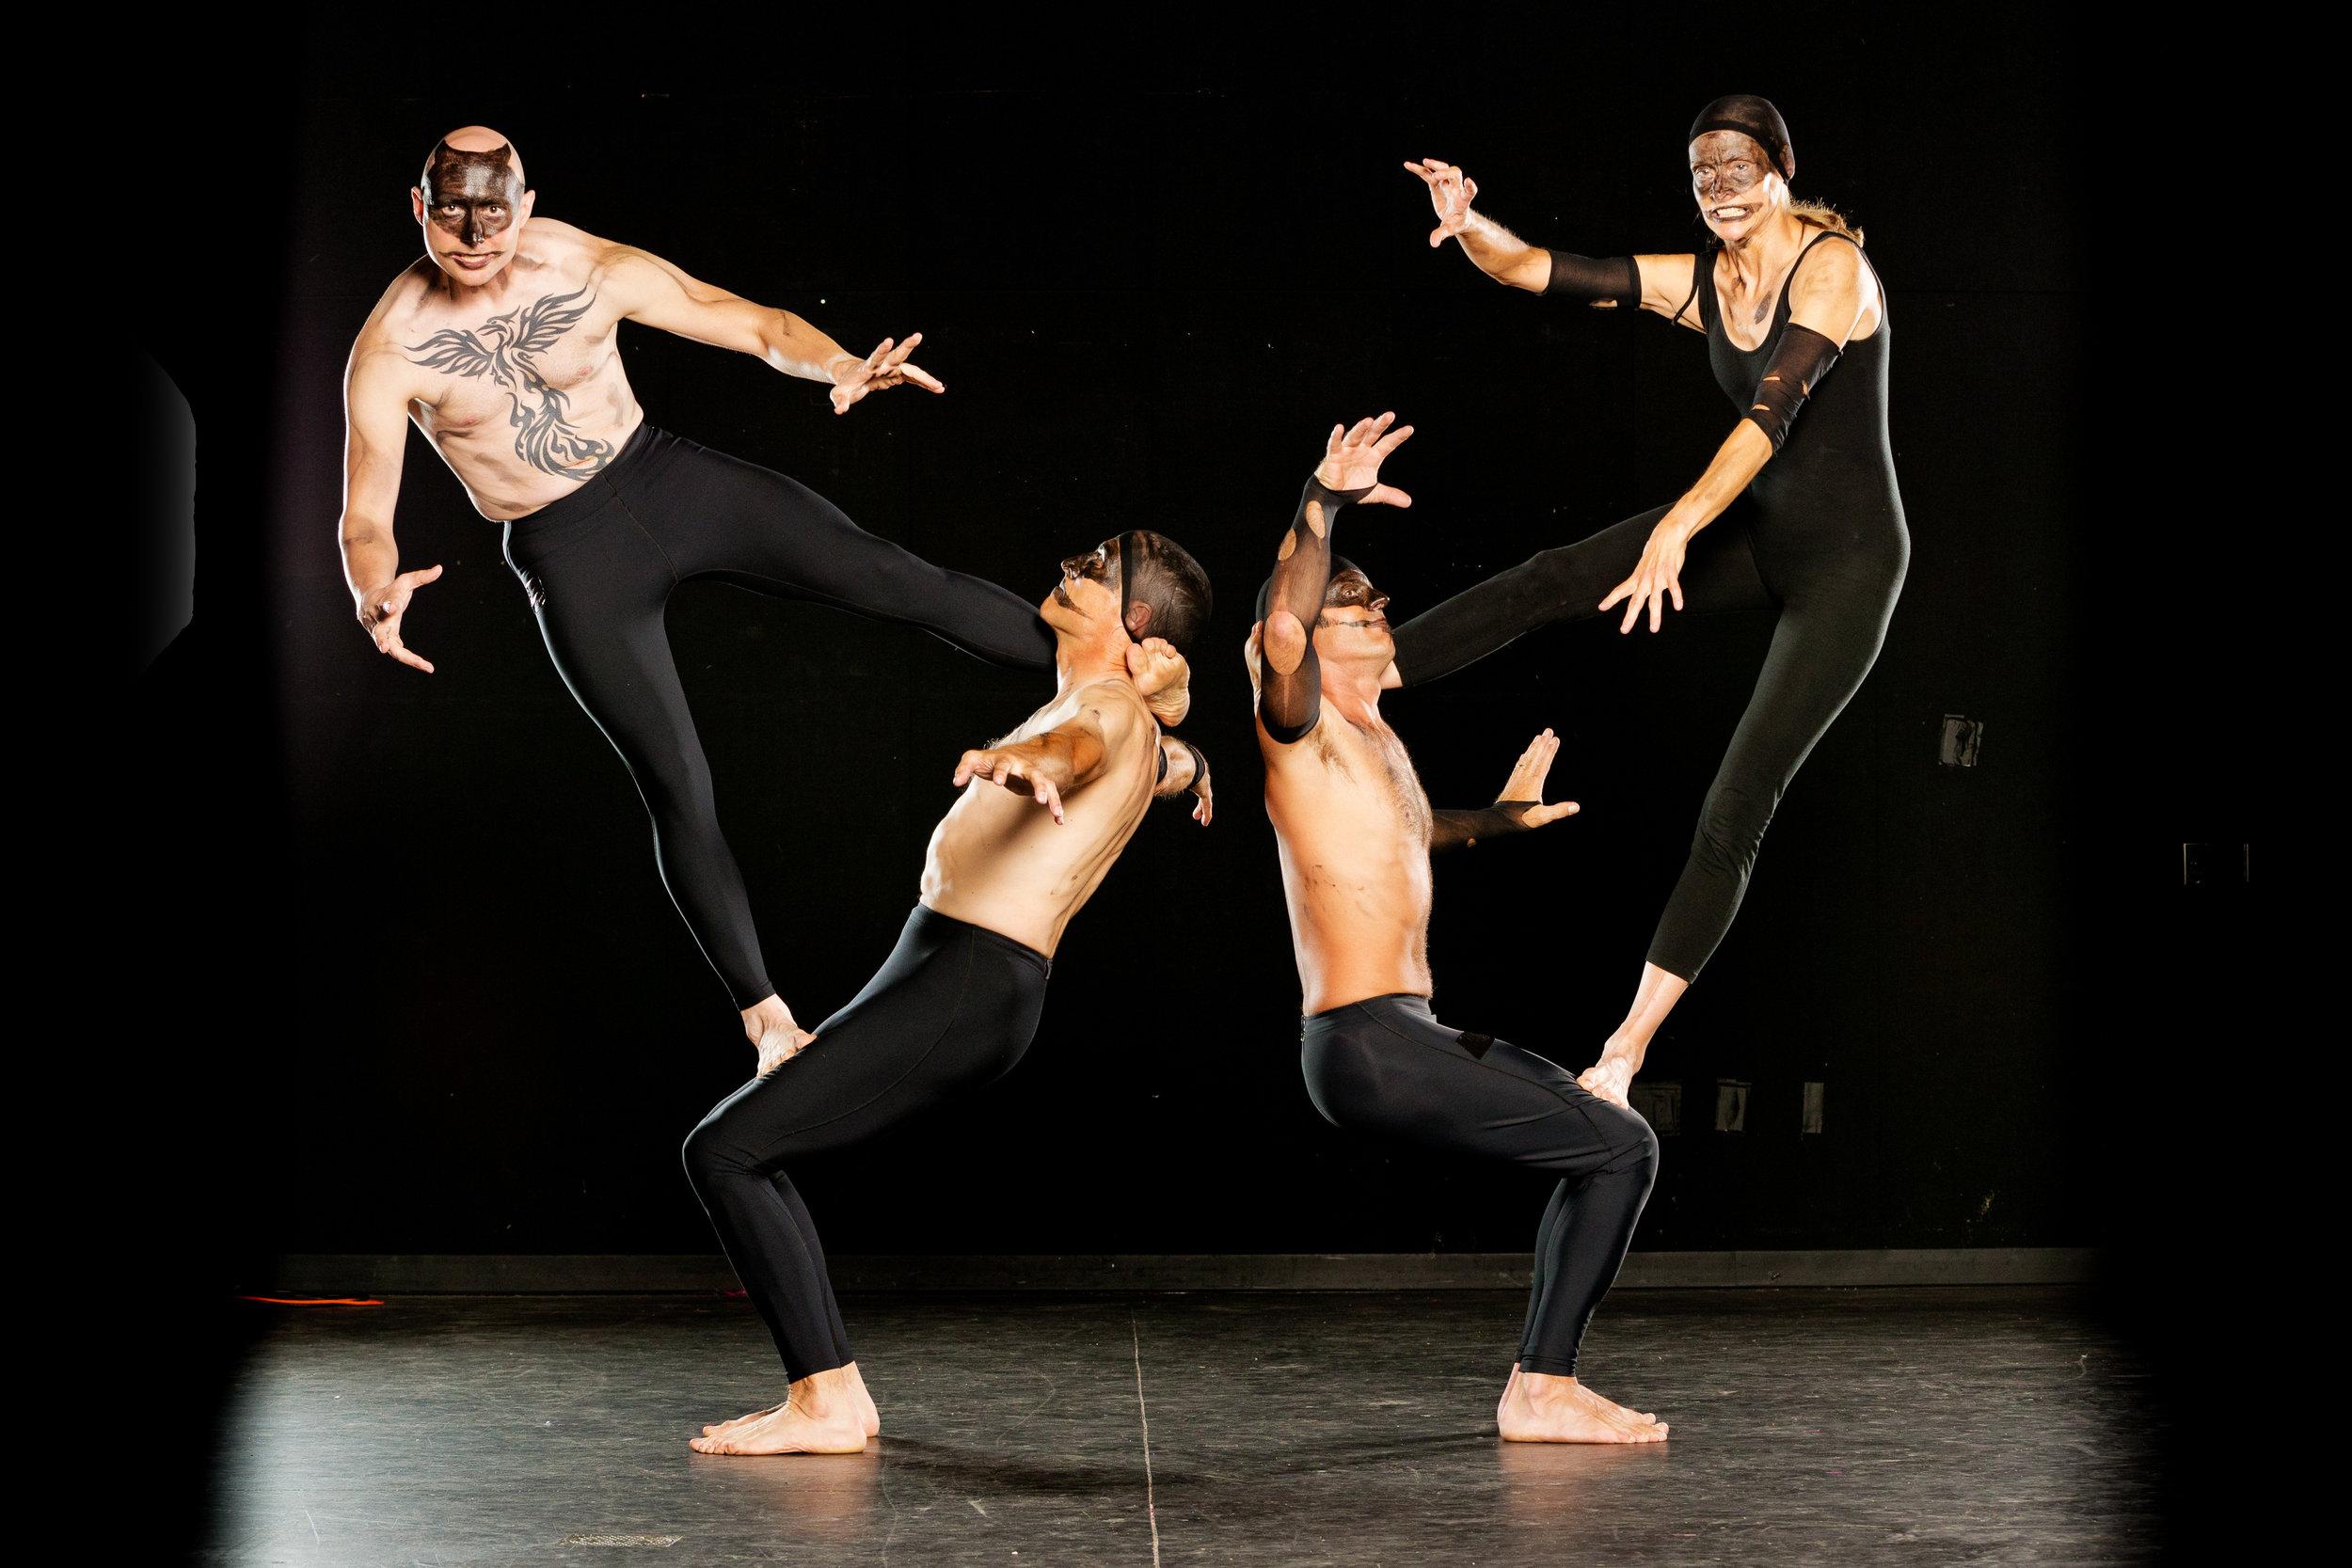 Cirque Acrobalance